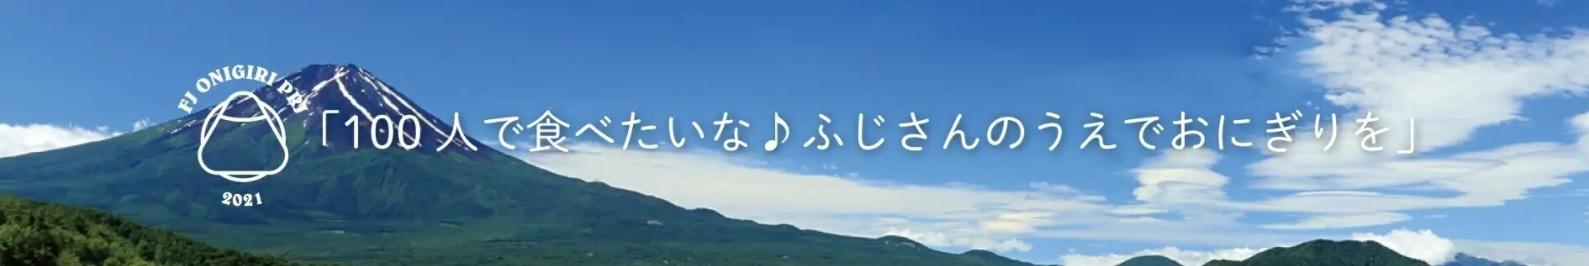 onigiri_banner.jpg